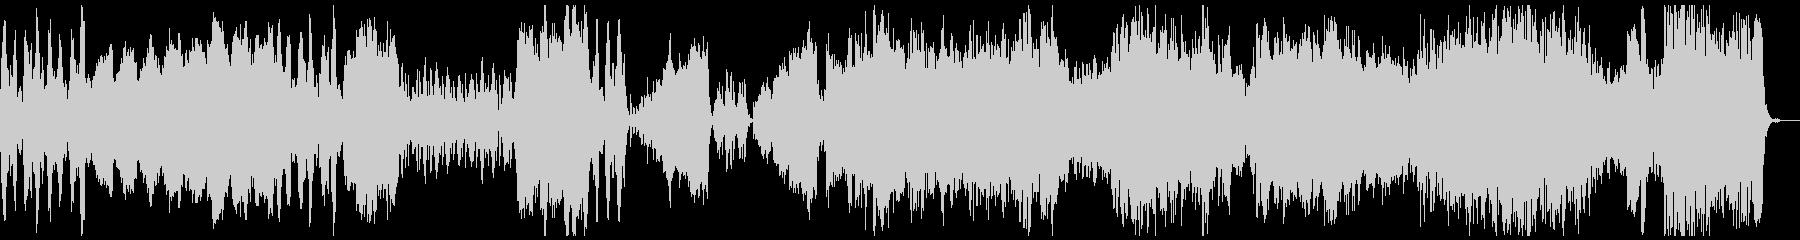 BWV1070/1『ラルゲット』 の未再生の波形